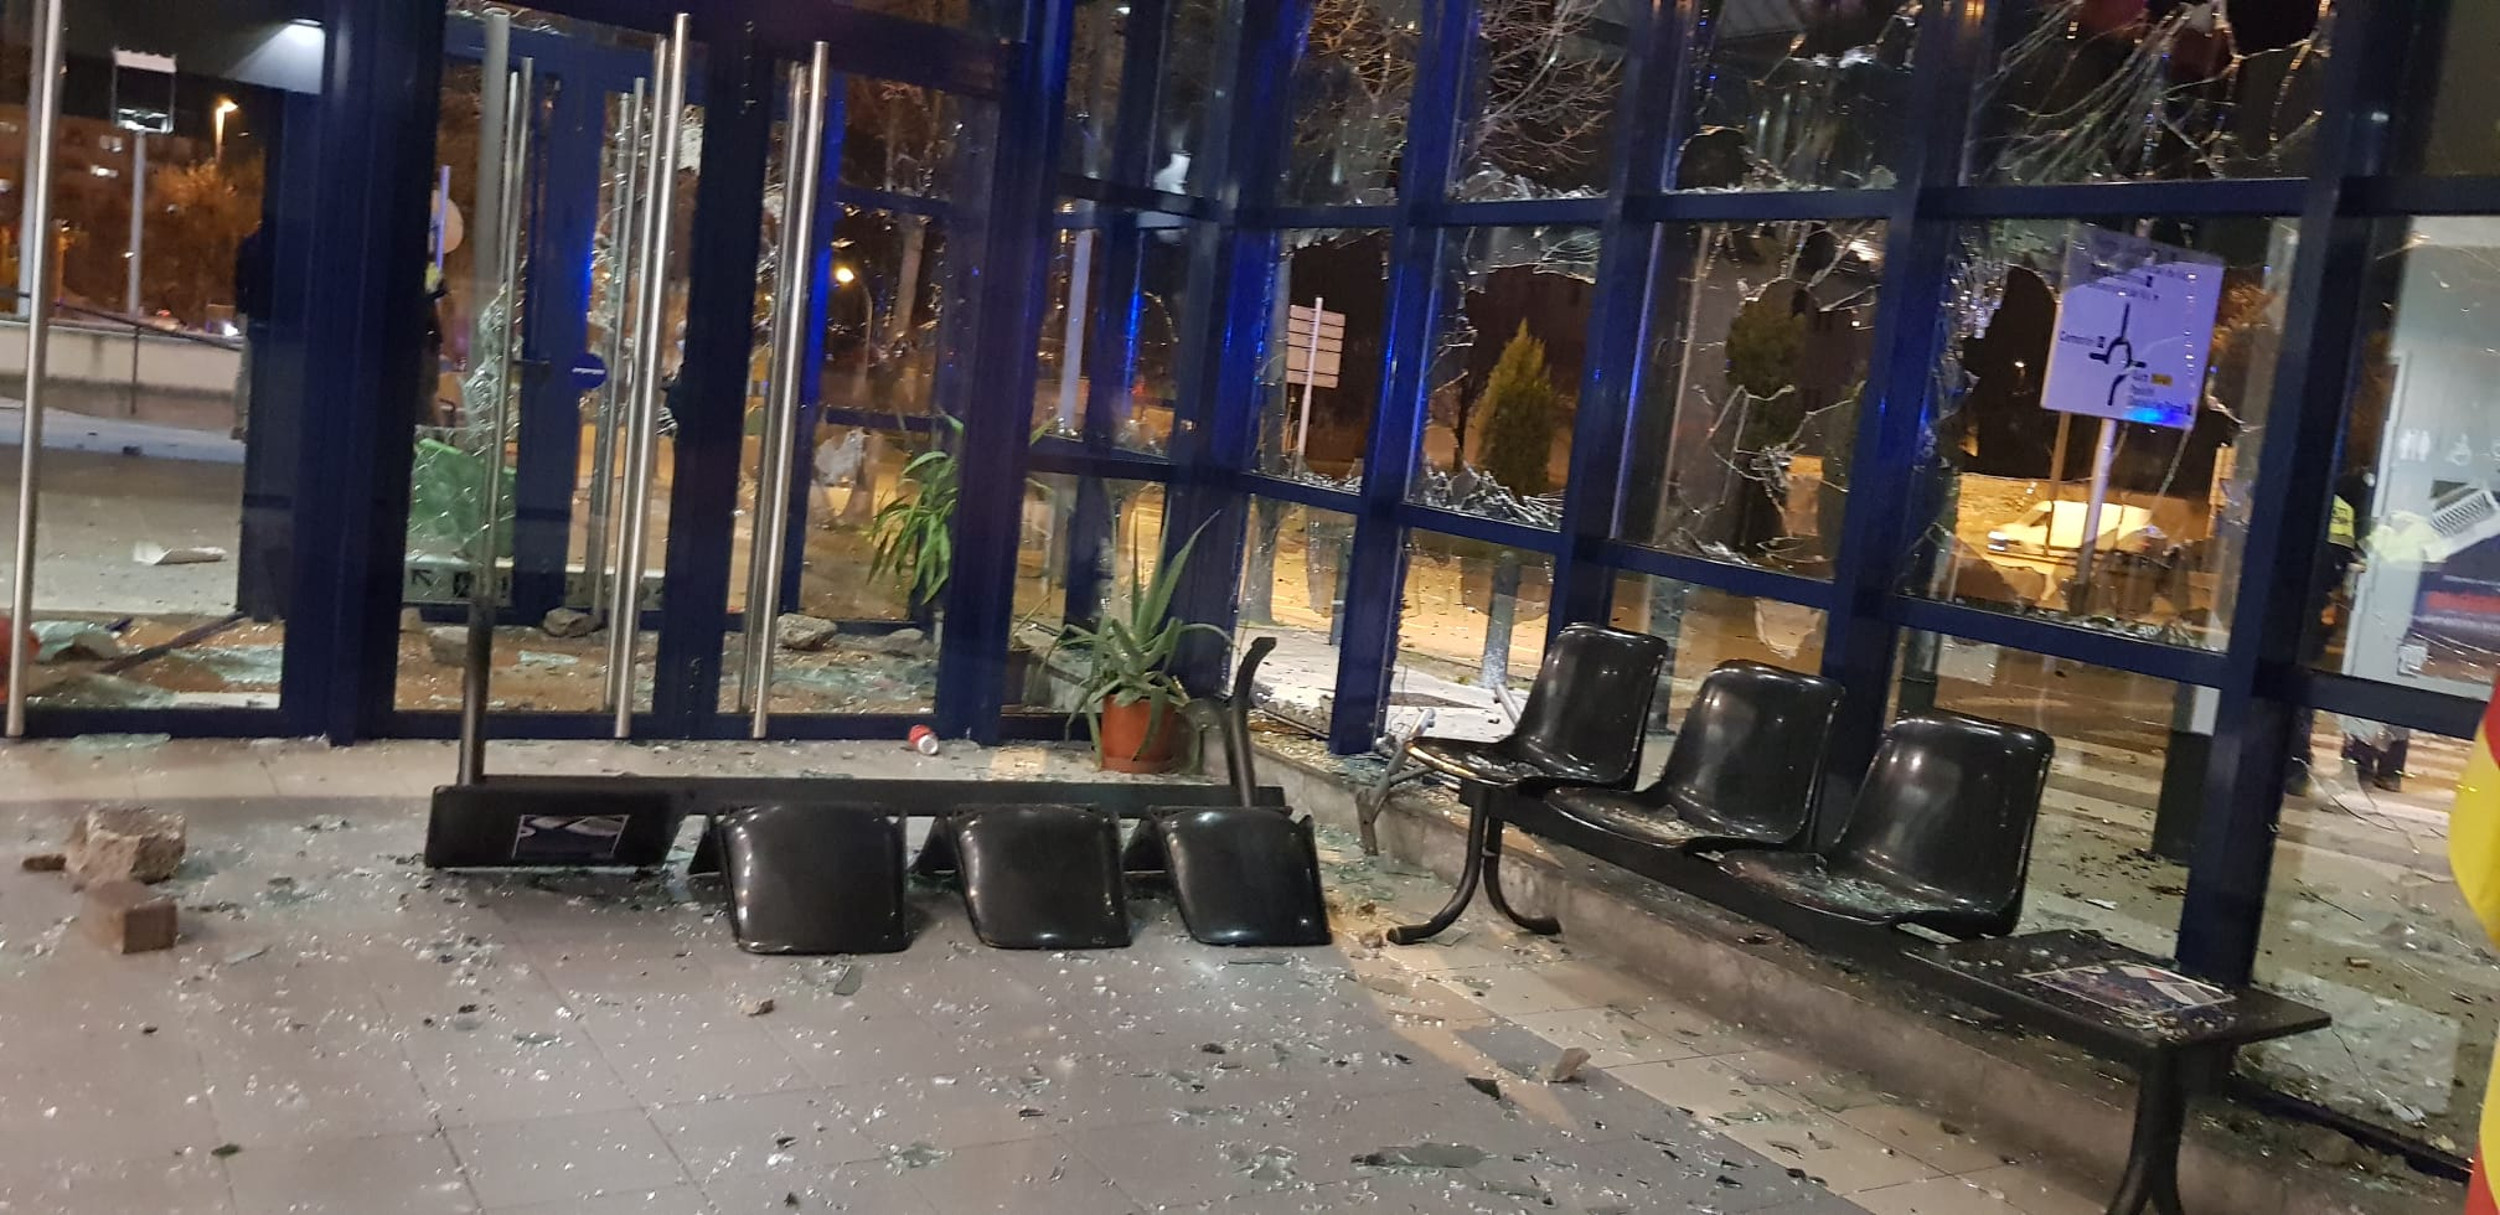 La comissaria de Vic amb tots els vidres trencats | ACN